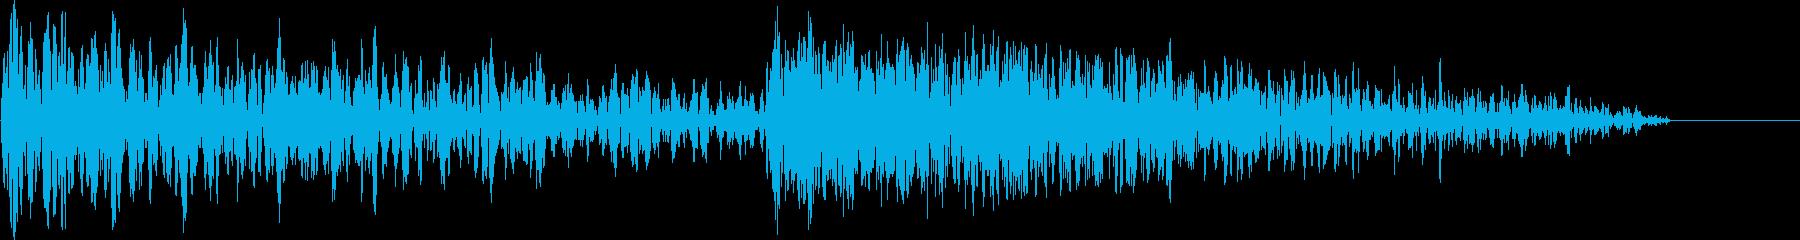 ビシッ!(ひび割れる音)の再生済みの波形